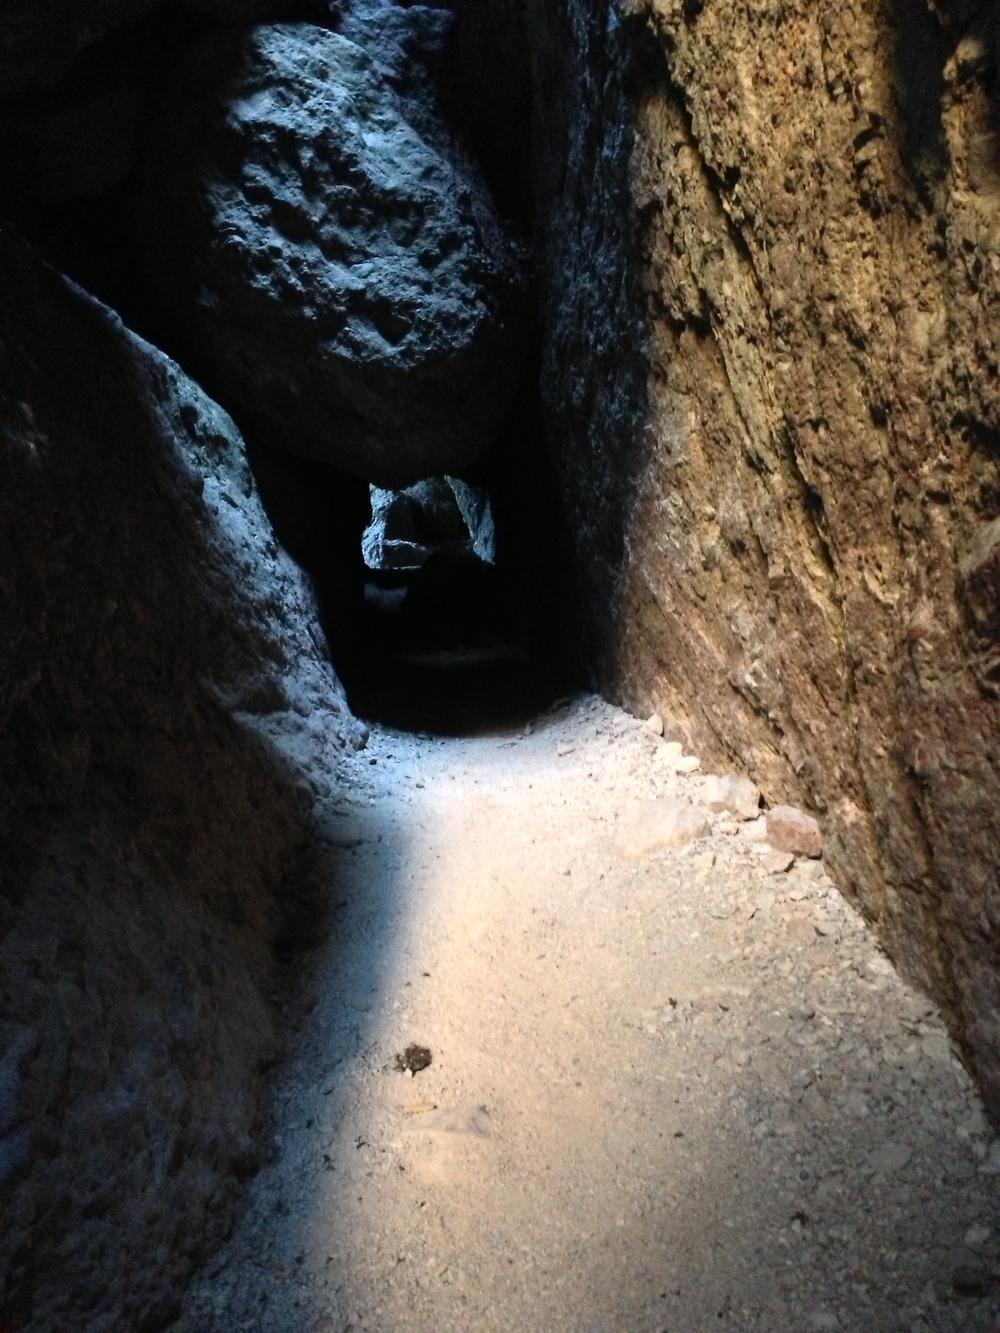 Passageway, Balconies Cave